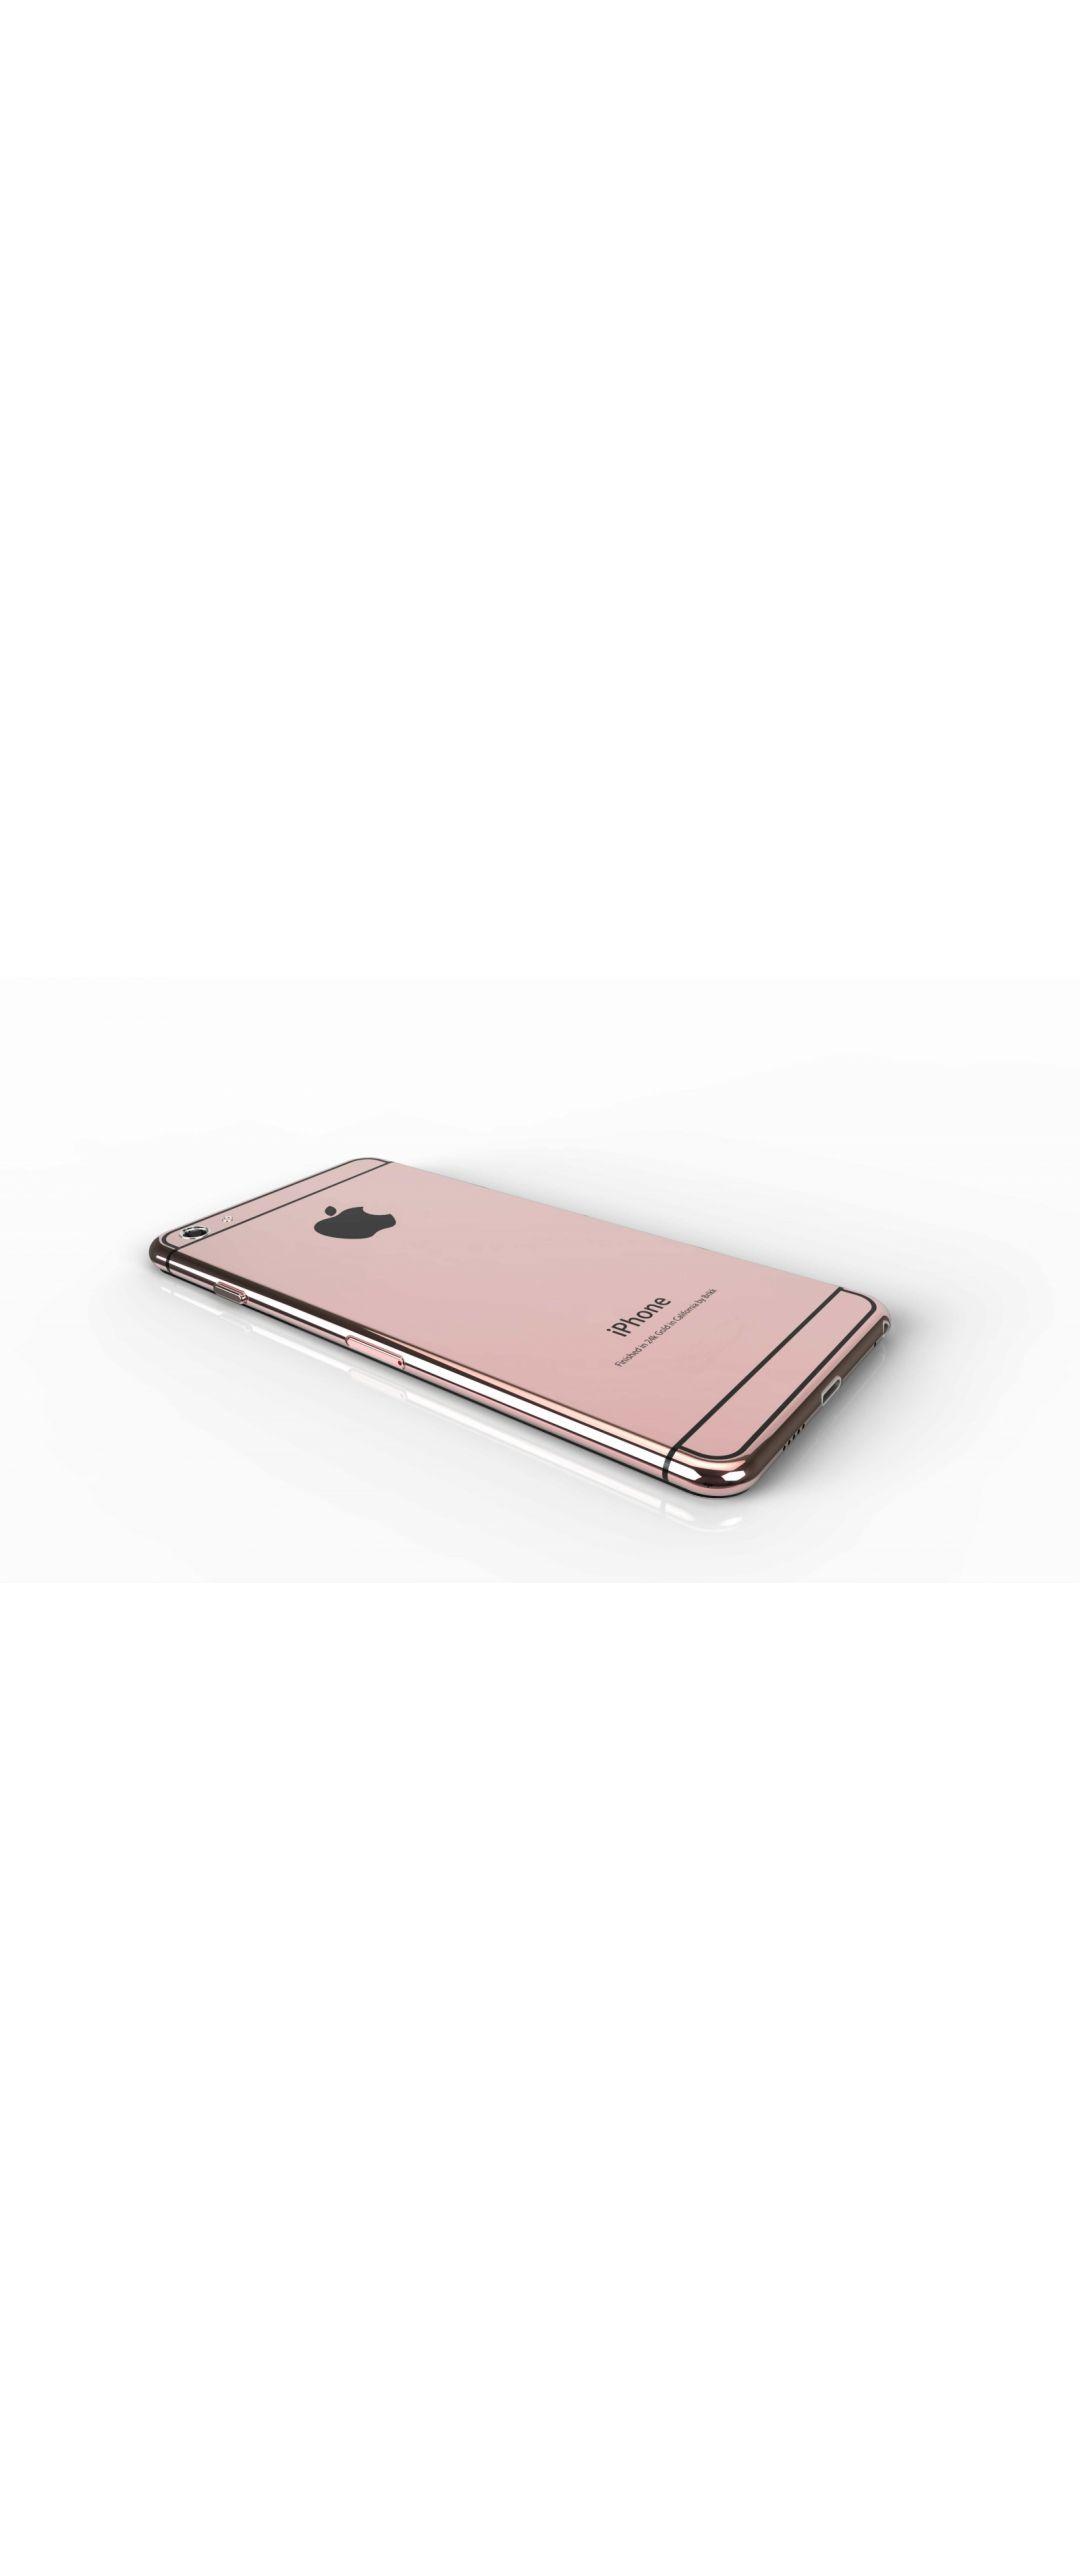 Rumores apuntan a un nuevo tipo de entrada y más RAM en el iPhone 7